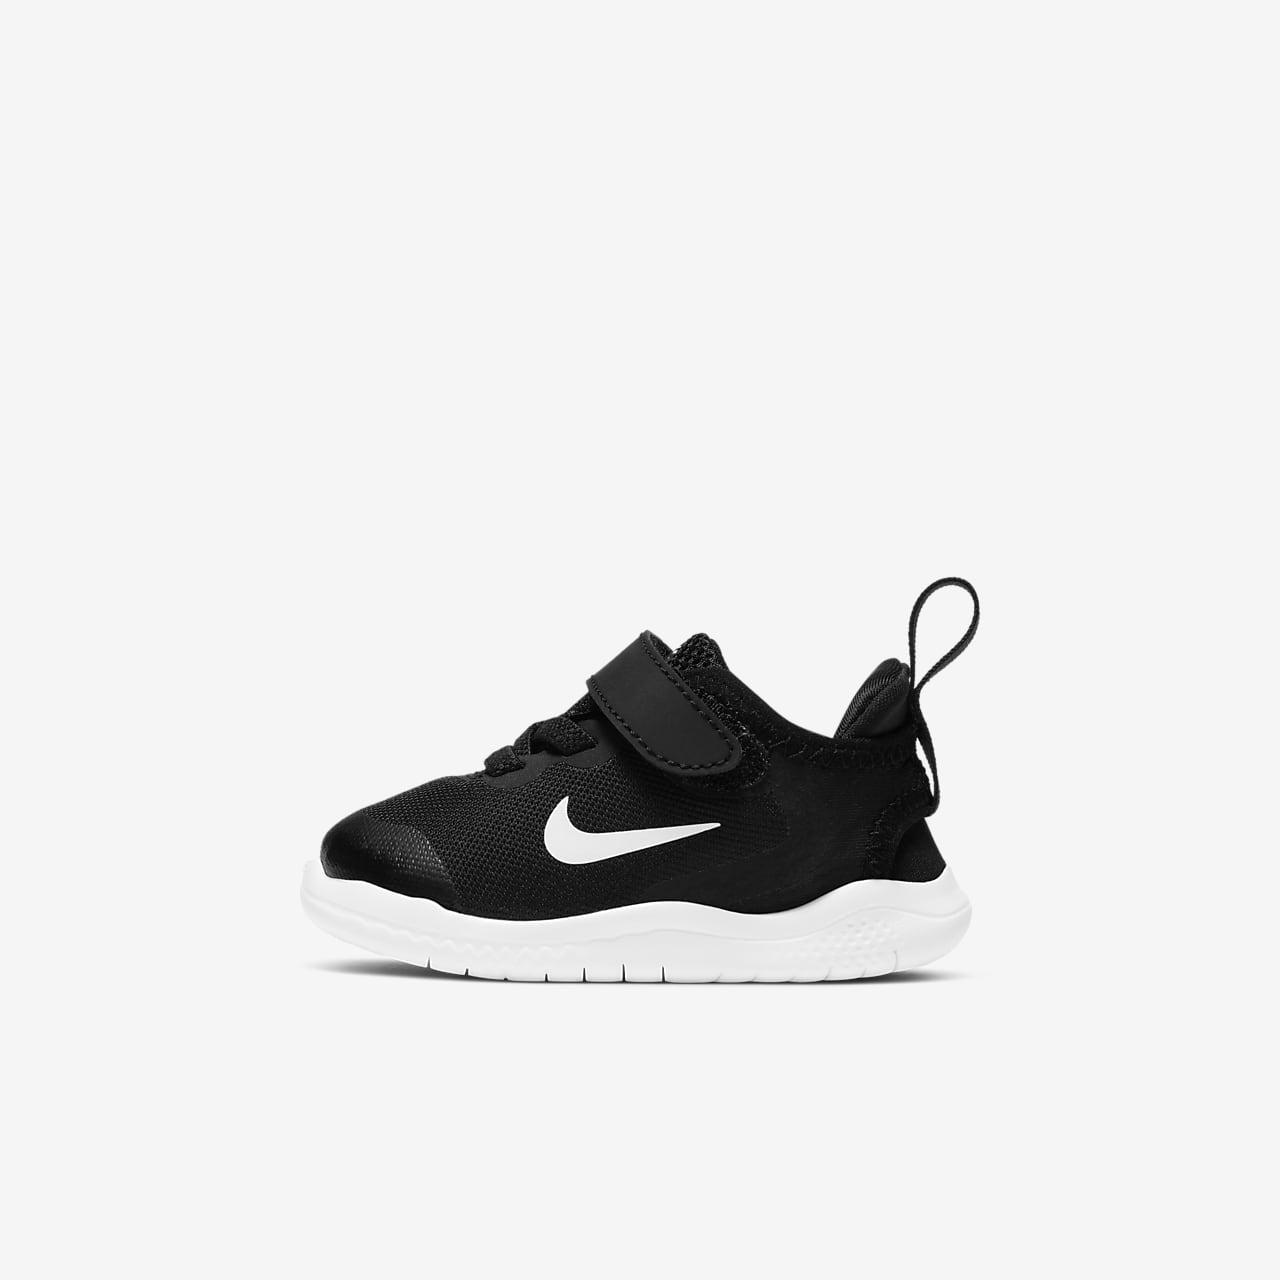 Nike Free RN 2018 Baby & Toddler Shoe